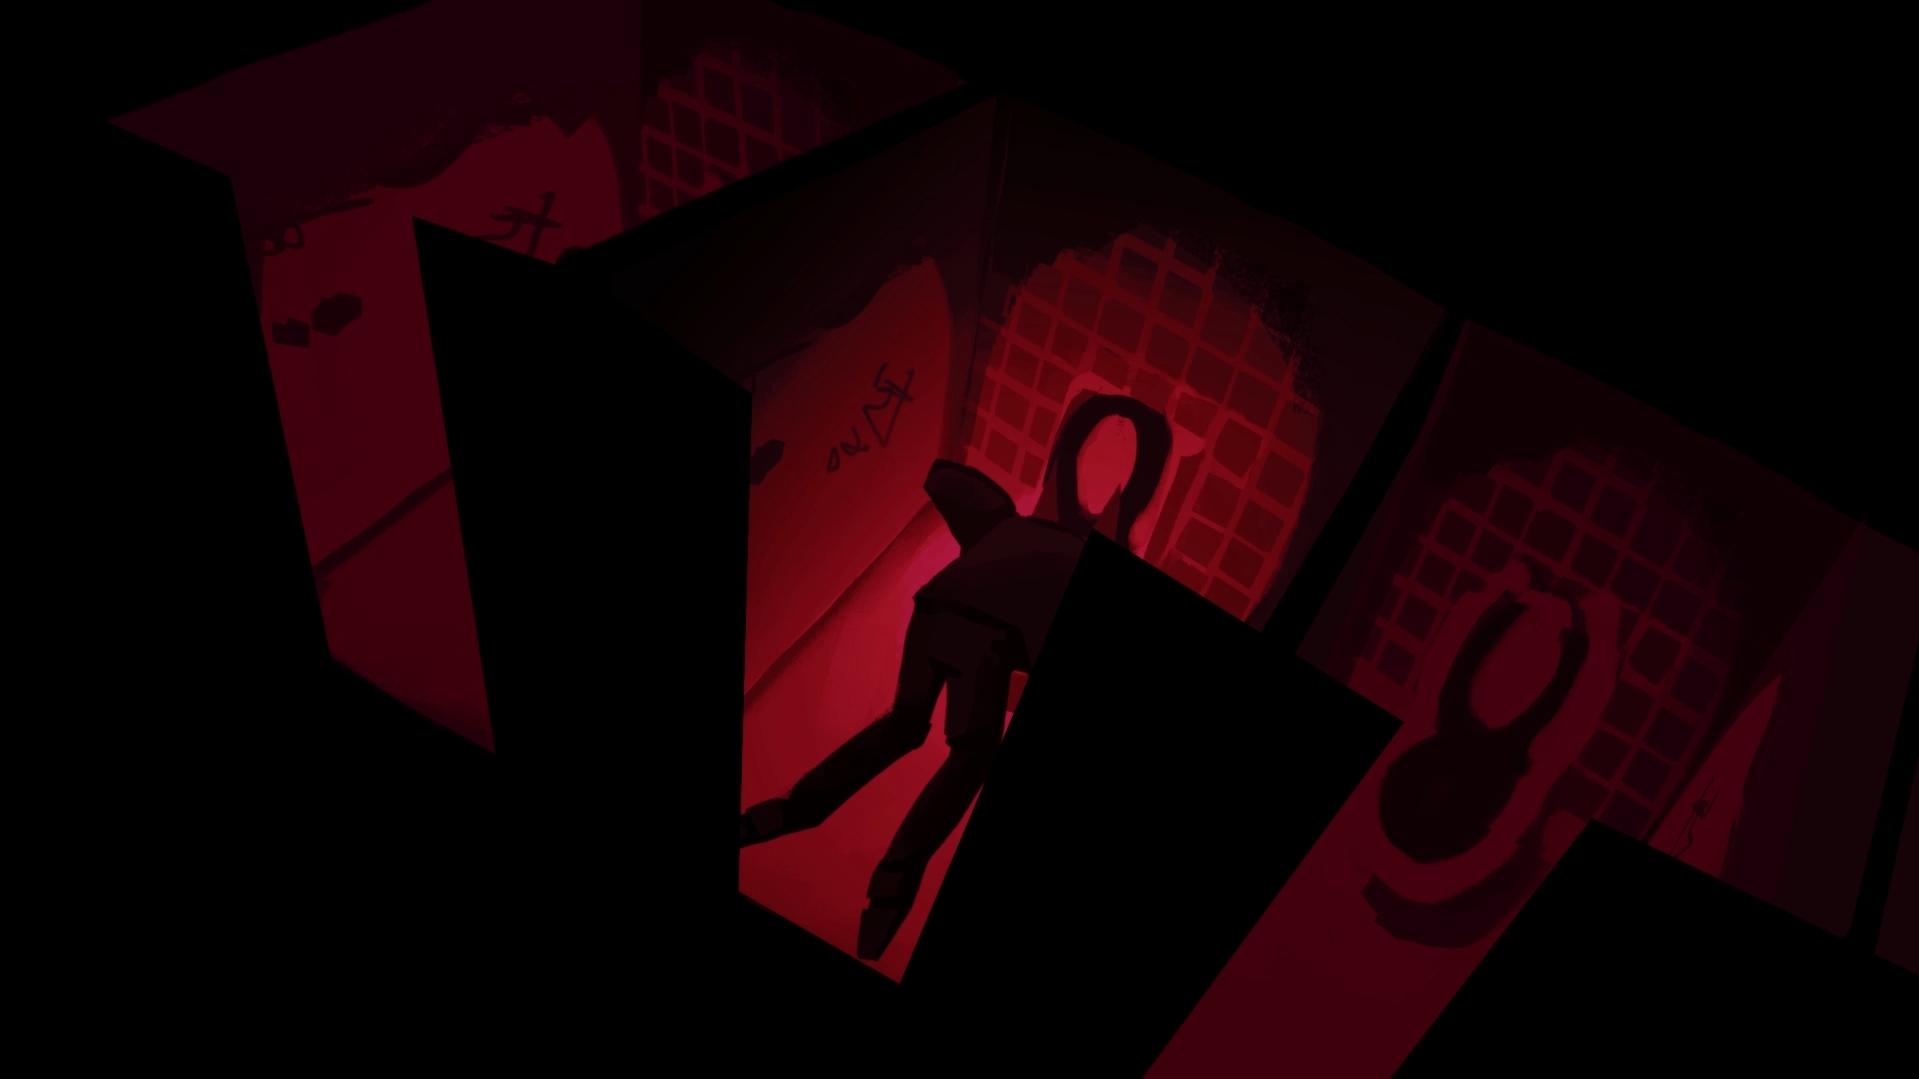 Animacija_KoljaSaksida_Dup2_MihaReja_ZaZaprtimiRoletami_Still_07